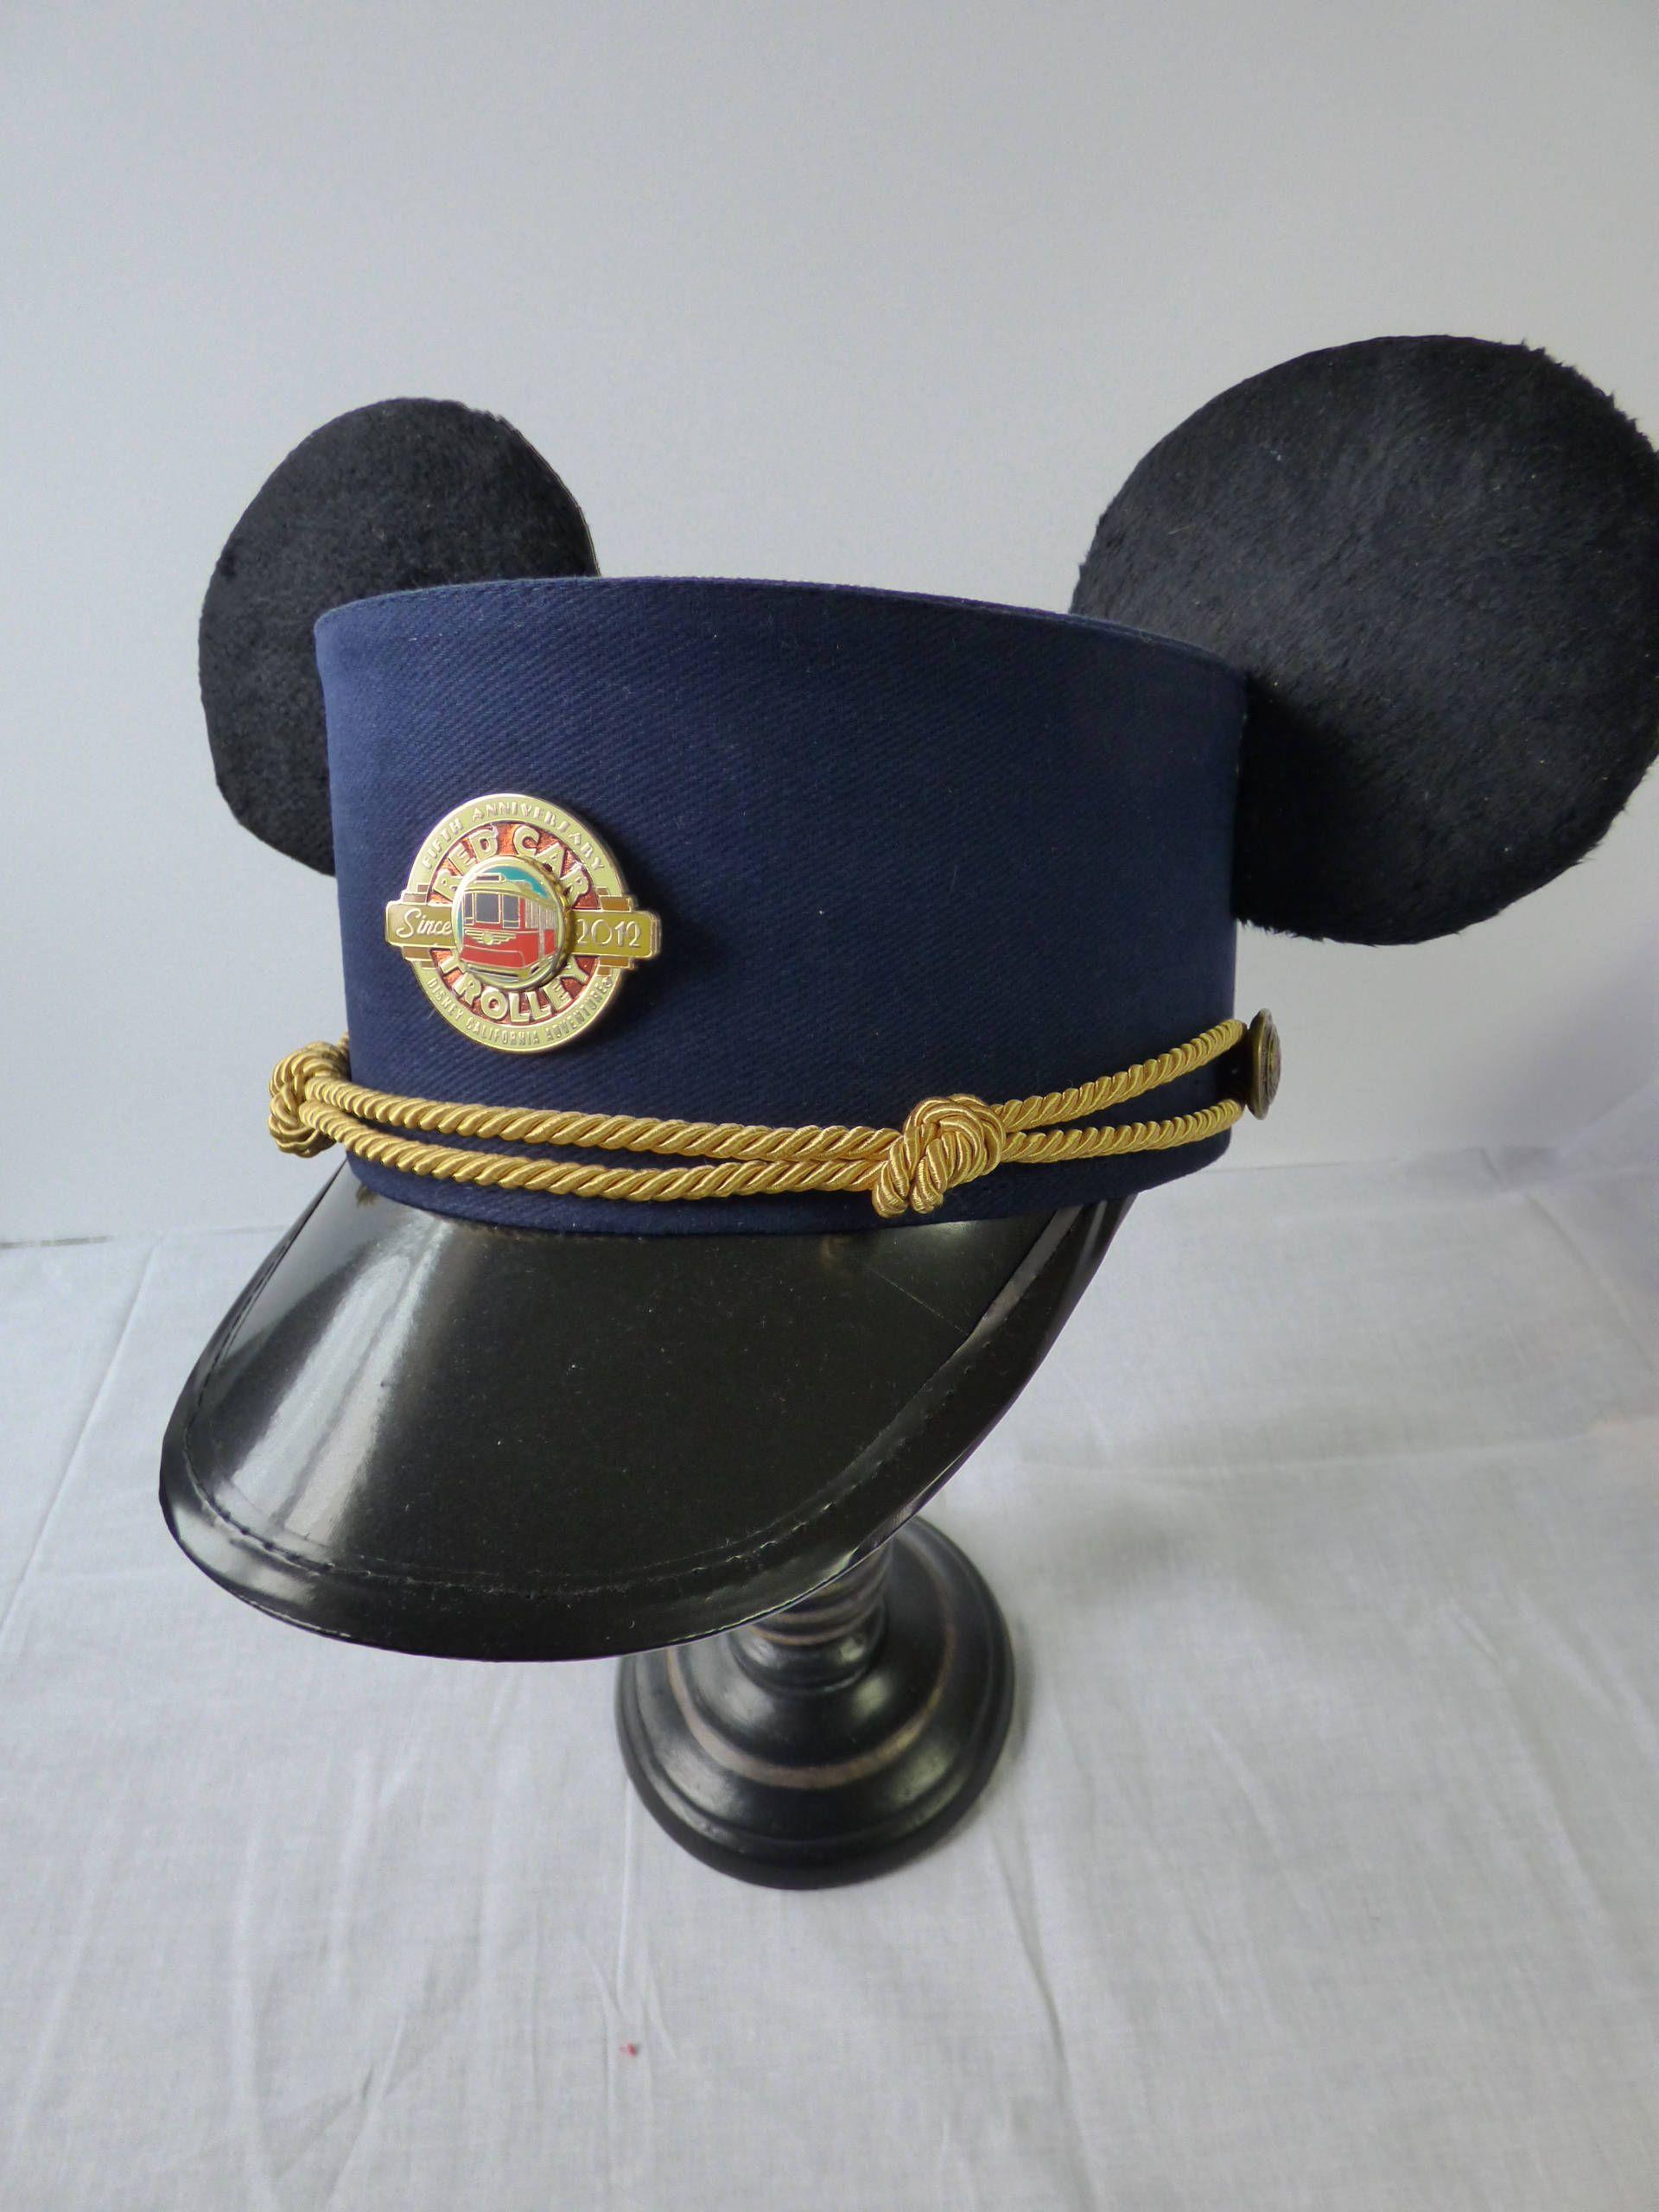 Custom Mickey Ears Red Trolley Conductor Hat 1baf7dfa6f7